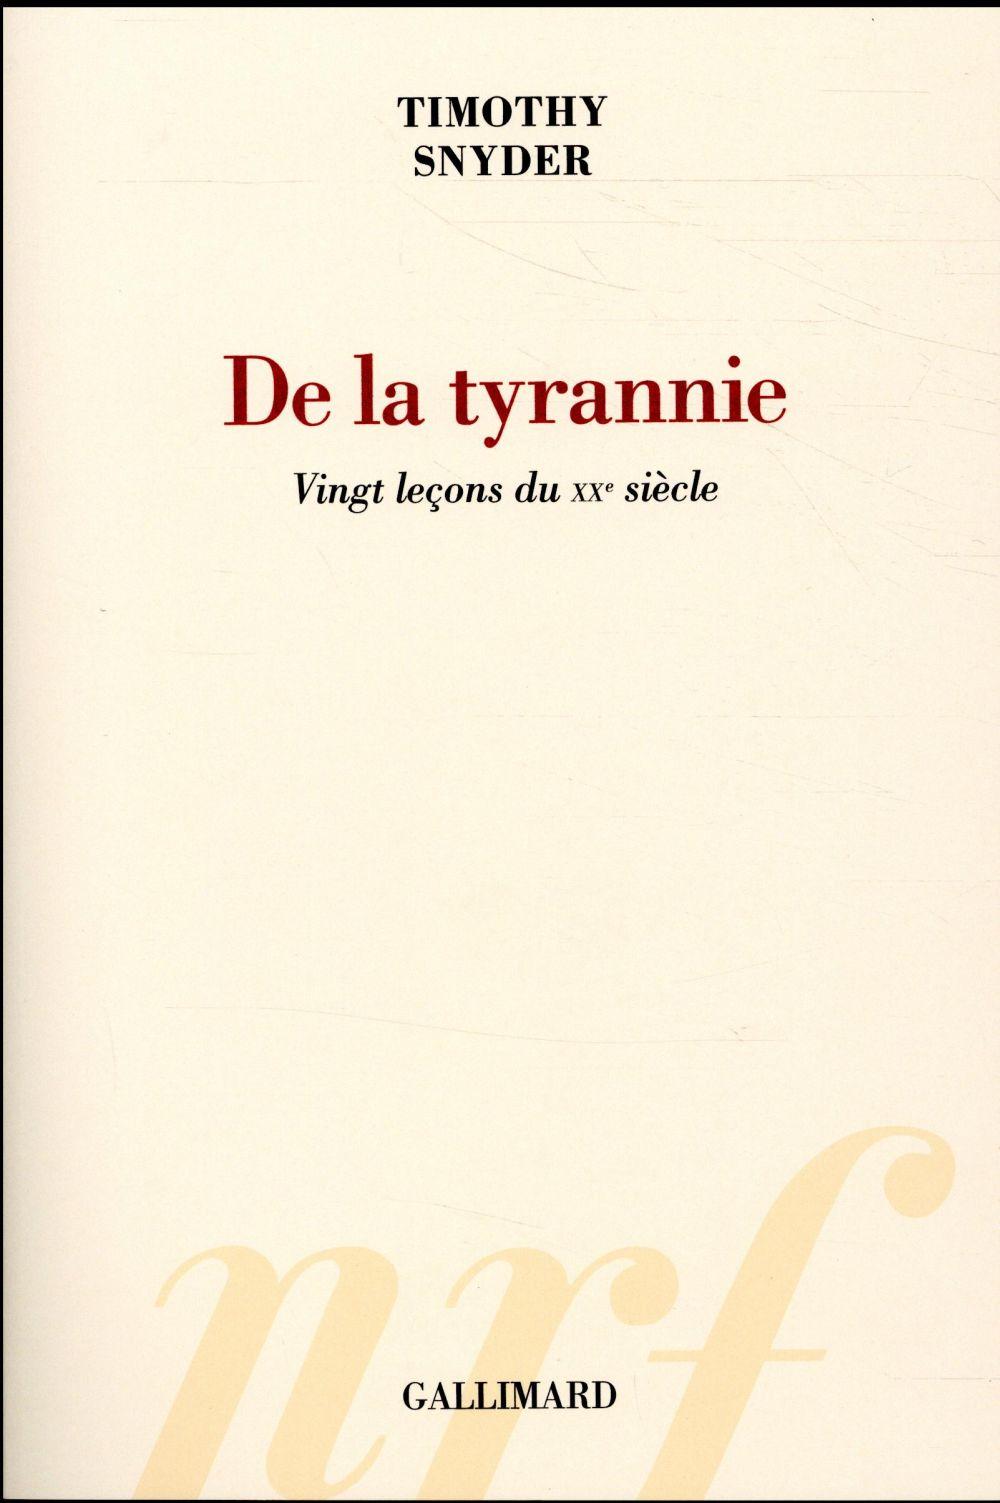 DE LA TYRANNIE - VINGT LECONS DU XXE SIECLE